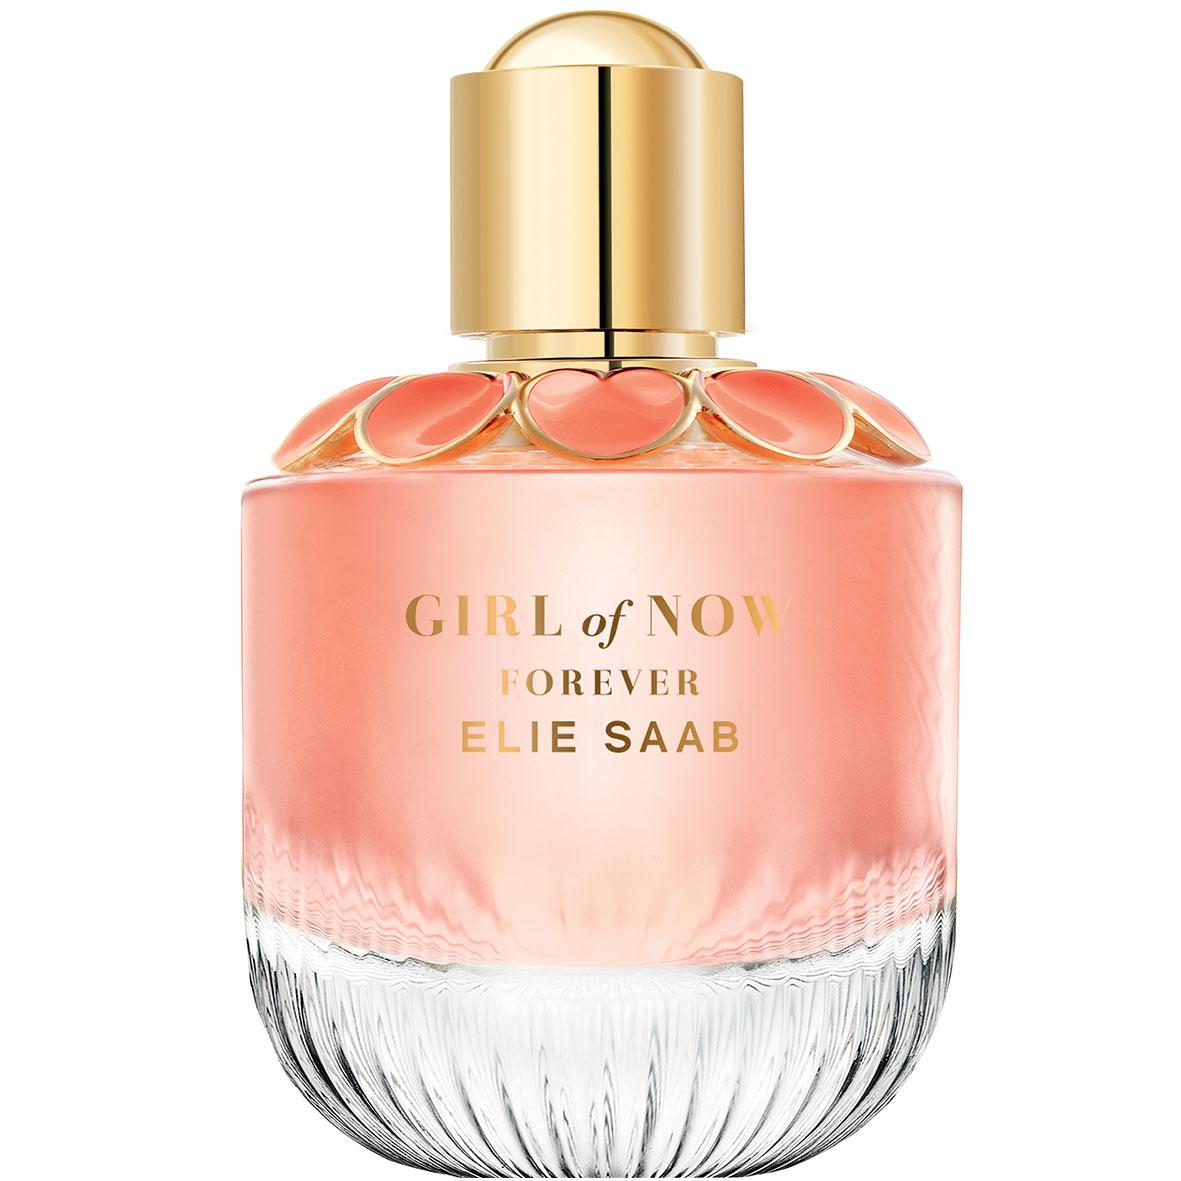 Afbeelding van Elie Saab Girl Of Now Forever 90 ml eau de parfum spray